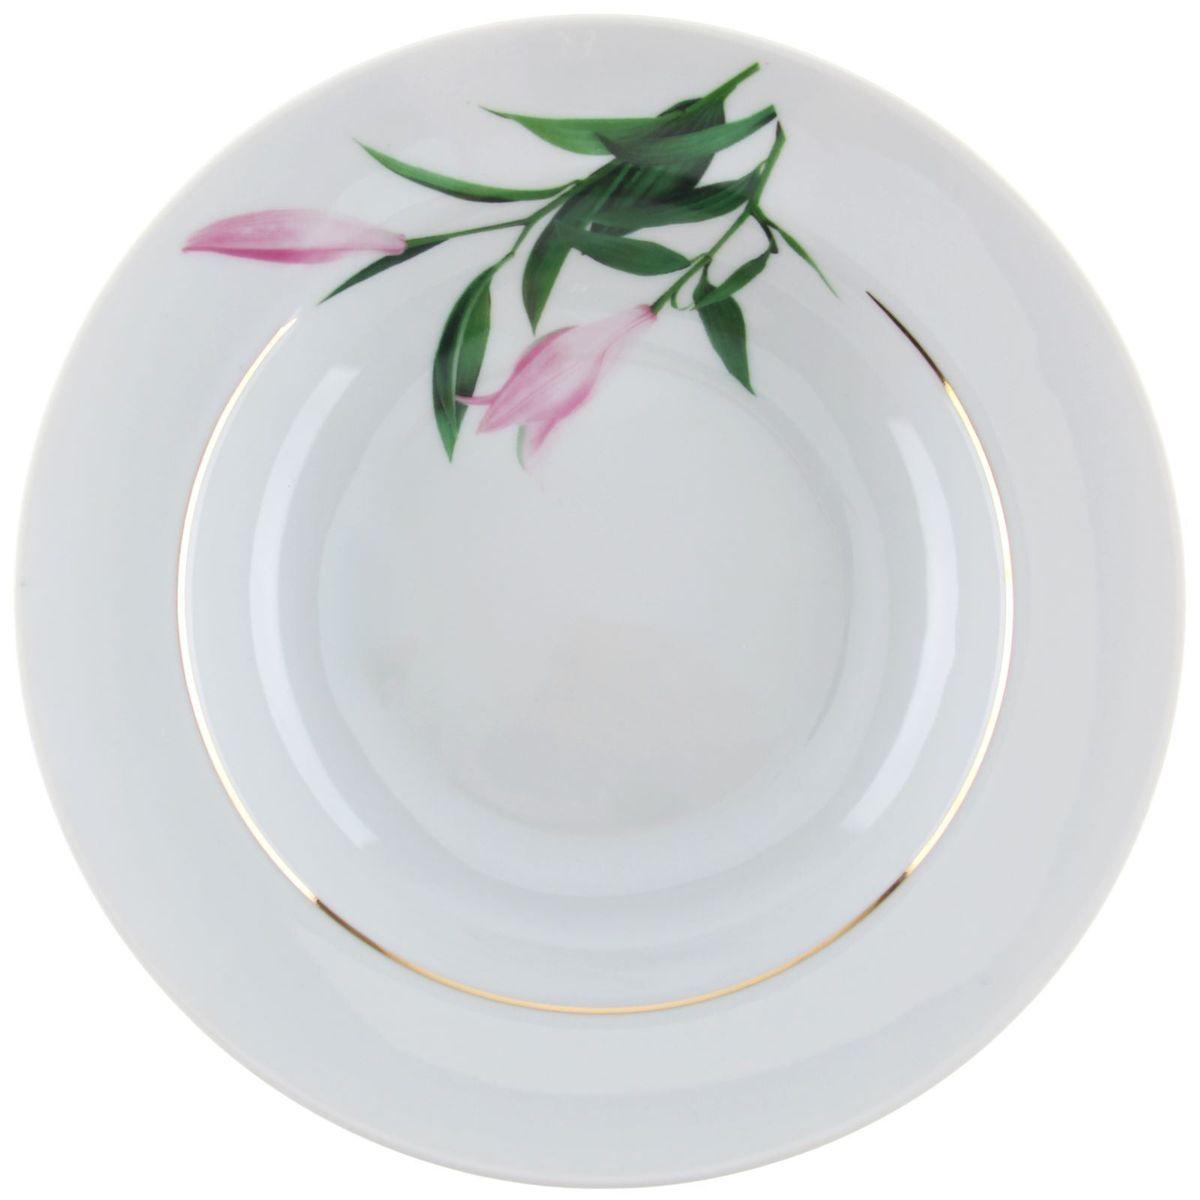 Тарелка глубокая Идиллия. Бутон, диаметр 24 смVT-1520(SR)Глубокая тарелка Идиллия. Бутон выполнена извысококачественного фарфора и оформлена цветочным рисунком.Изделие сочетает в себе изысканный дизайн с максимальнойфункциональностью. Тарелка прекрасно впишется винтерьер вашей кухни и станет достойным дополнениемк кухонному инвентарю. Тарелка Идиллия. Бутон подчеркнет прекрасный вкус хозяйки и станет отличным подарком. Диаметр: 24 см.